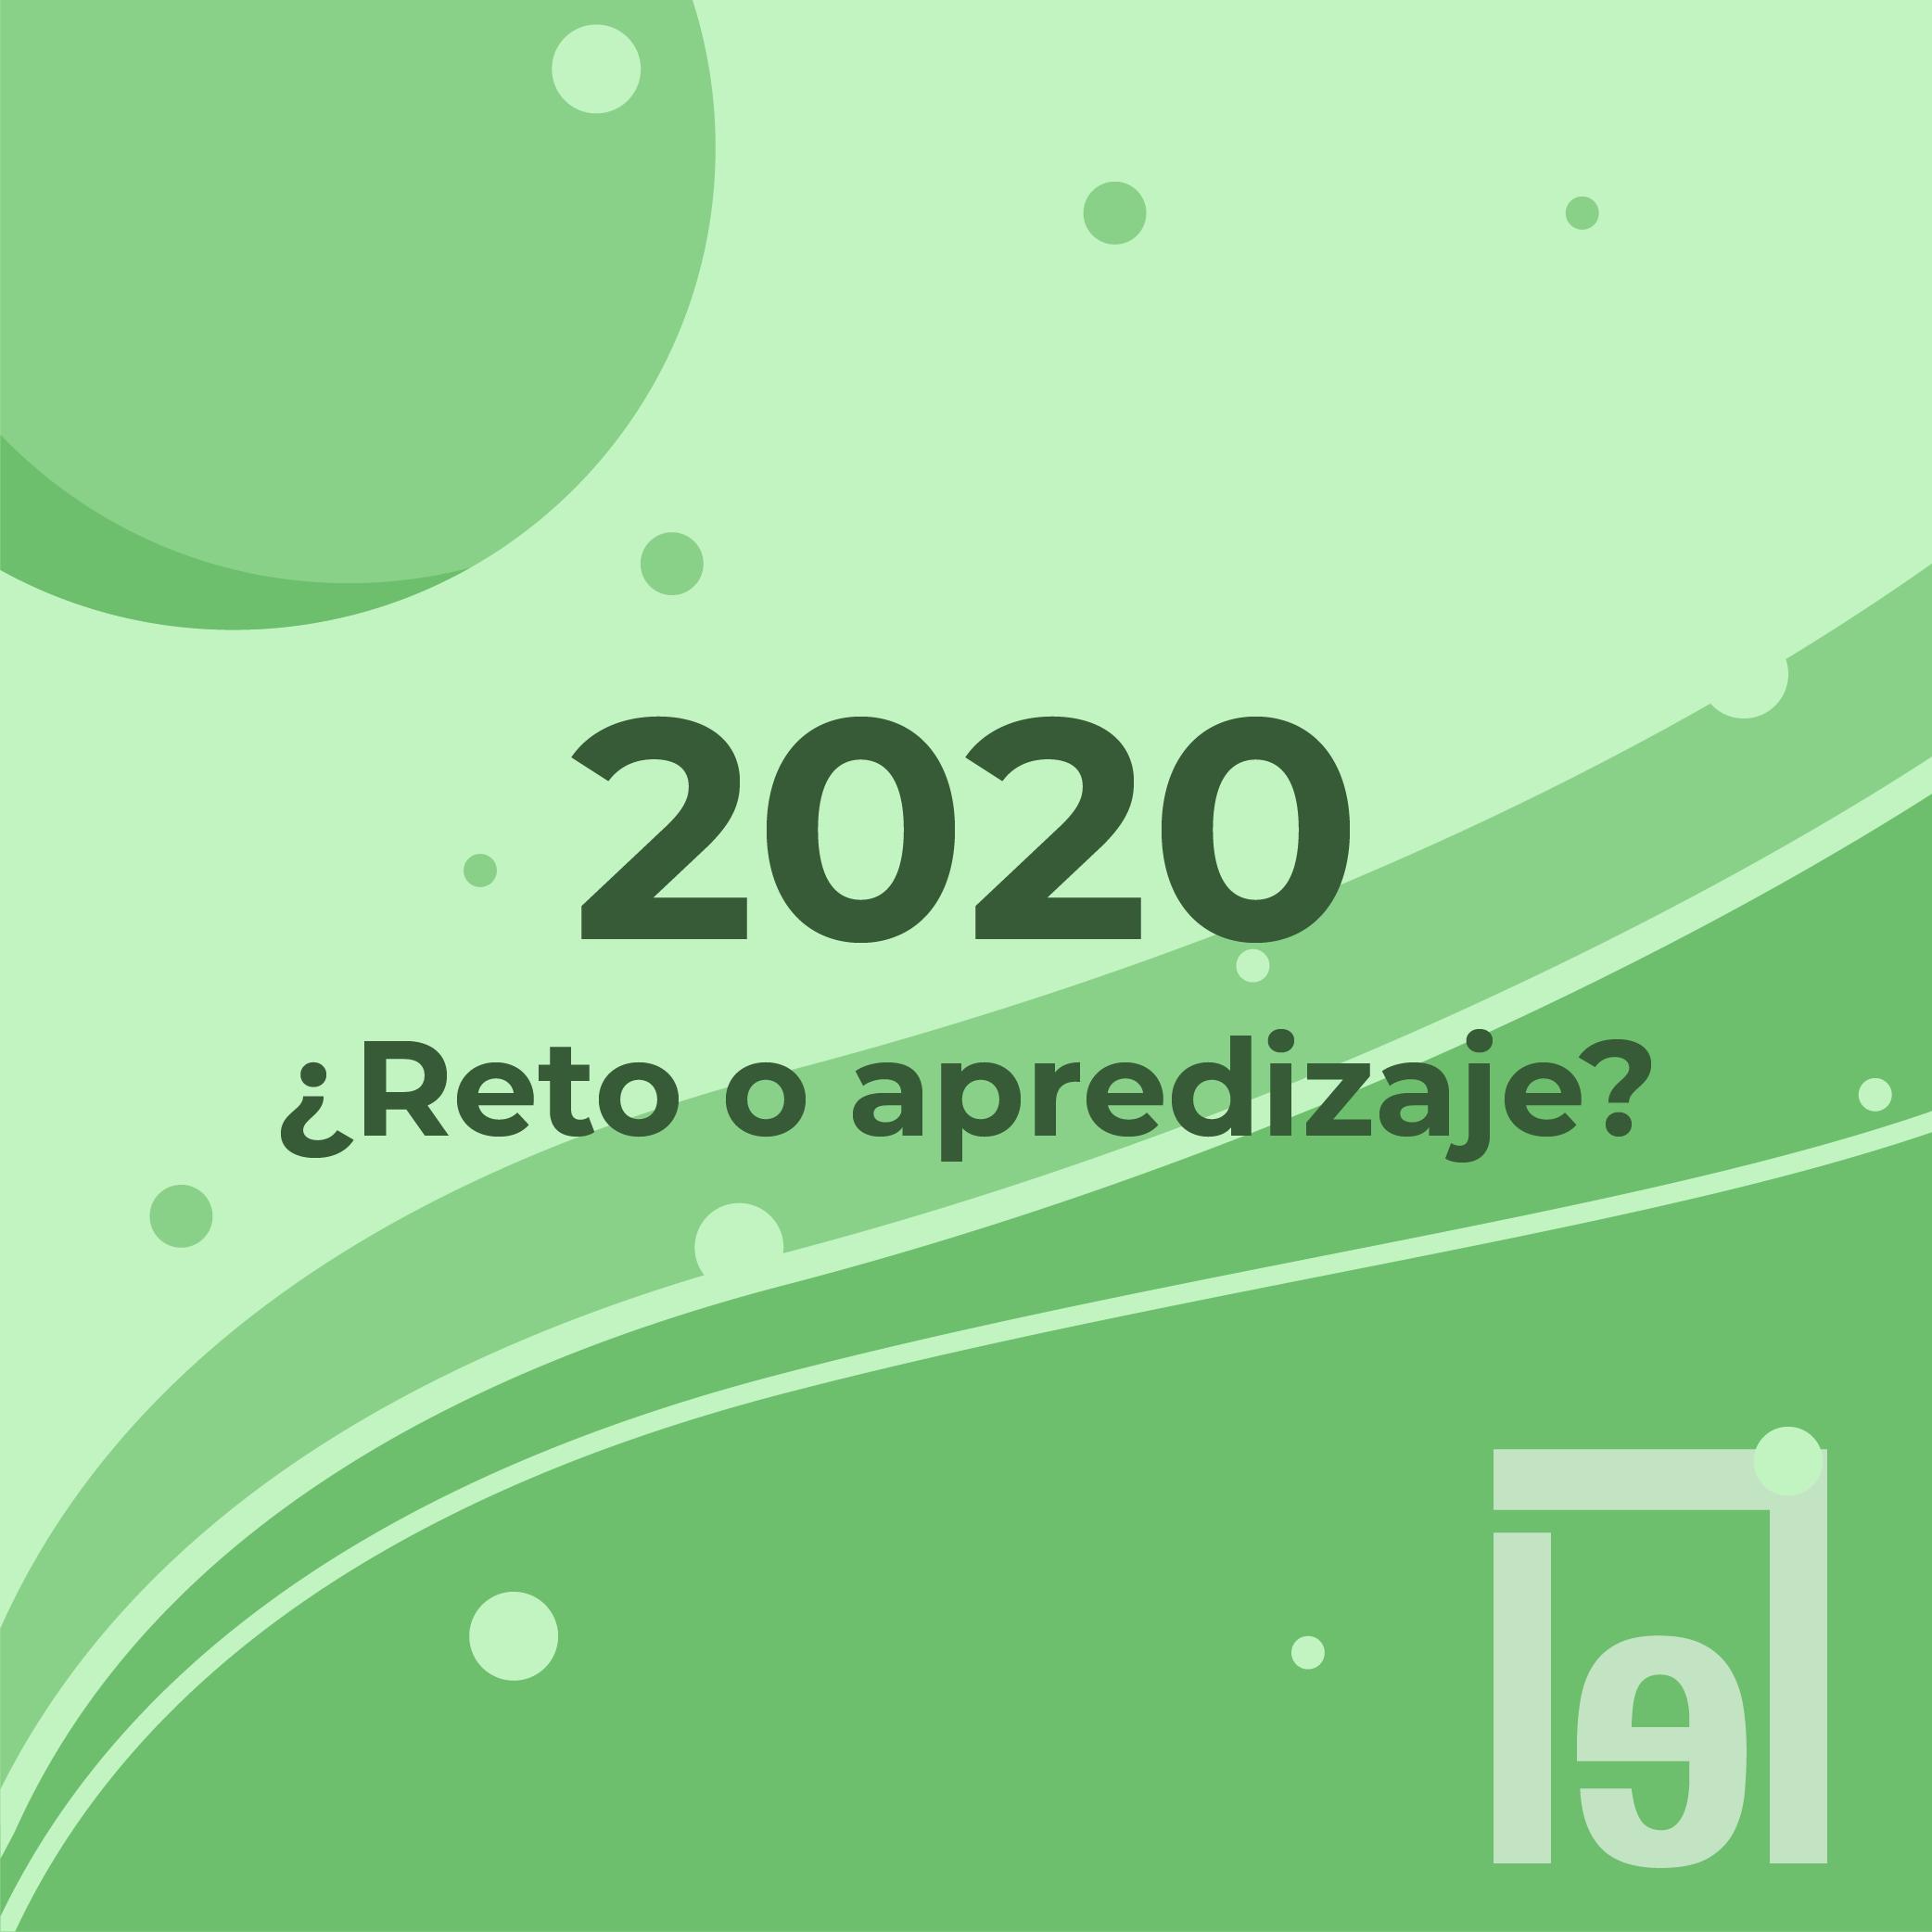 2020 ¿Reto o aprendizaje?